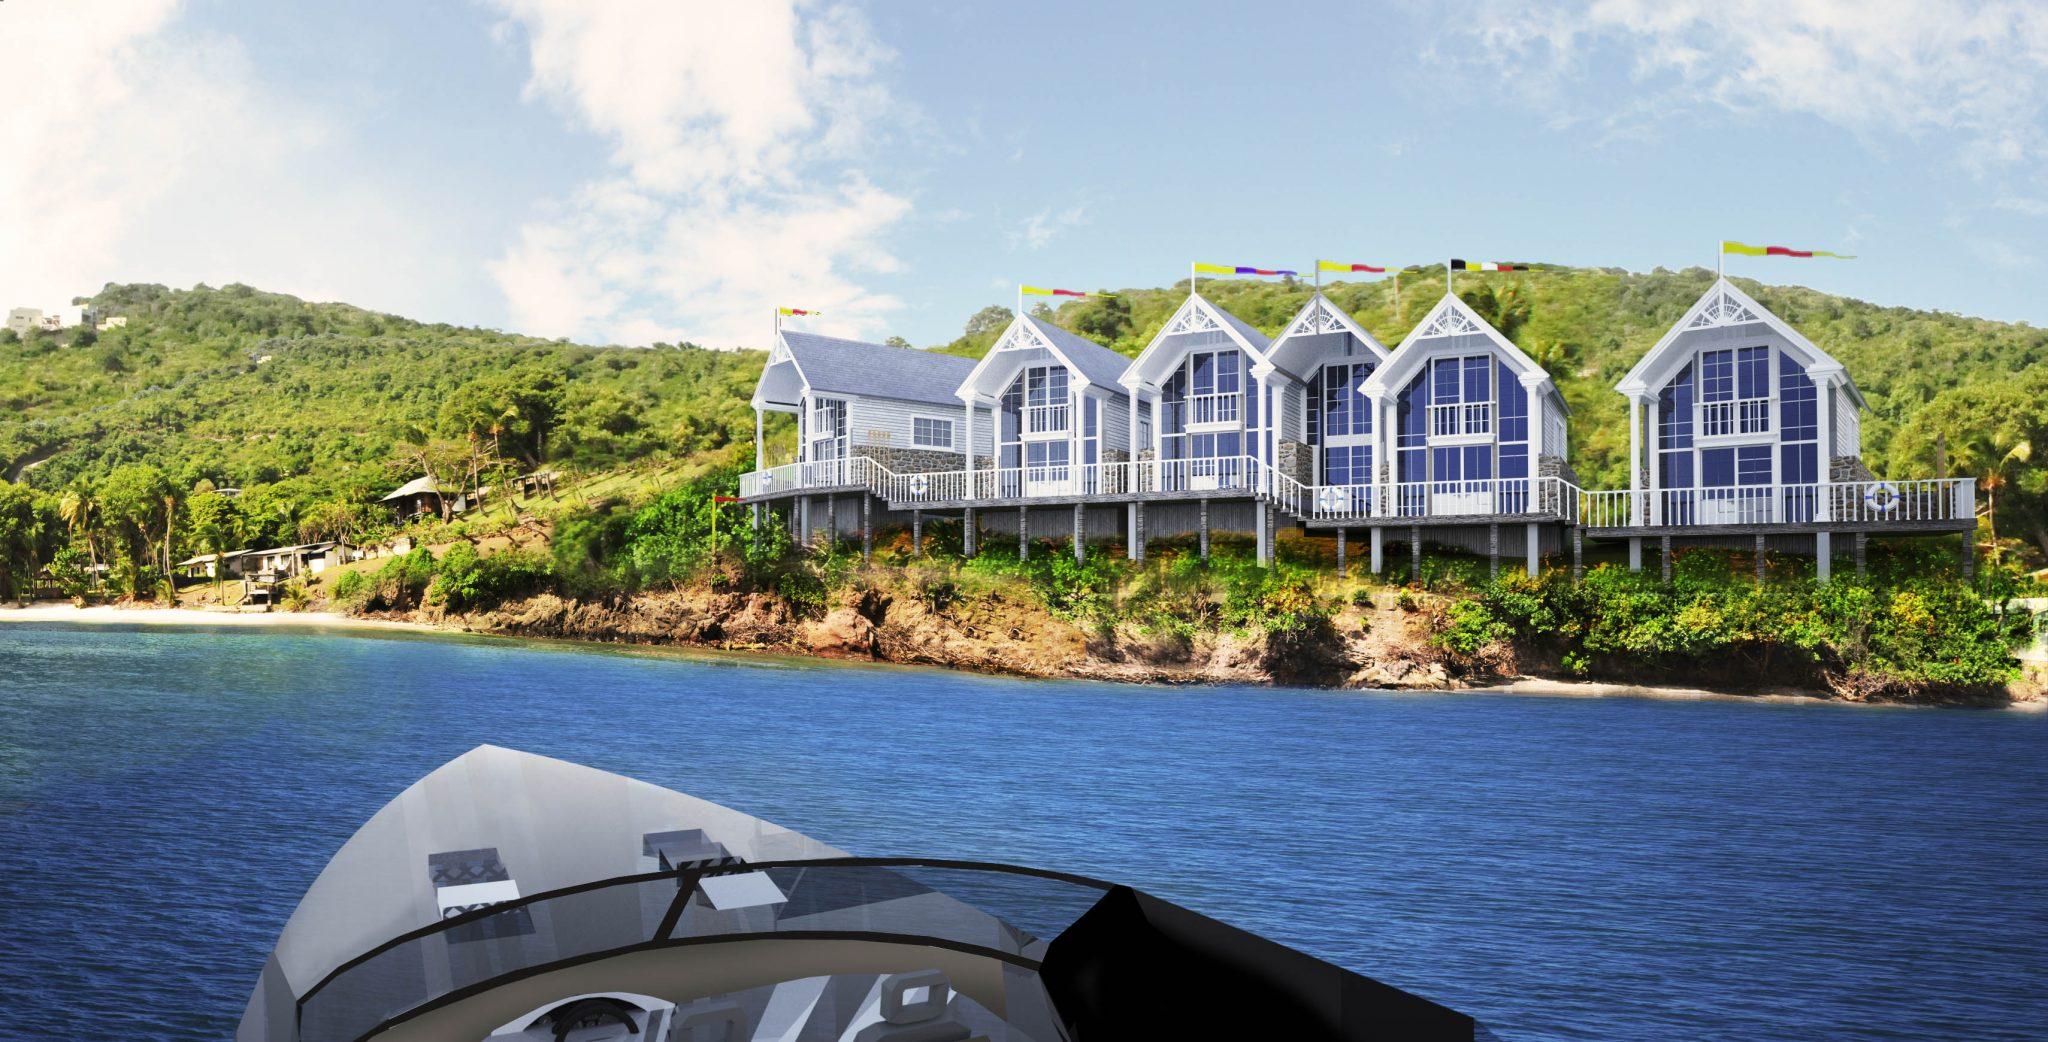 Vy från vattnet. Nytt hotellområde på ön Bequia i Västindien, framtaget av Rex Arkitektbyrå tillsammans med landskapsarkitekt från USA.